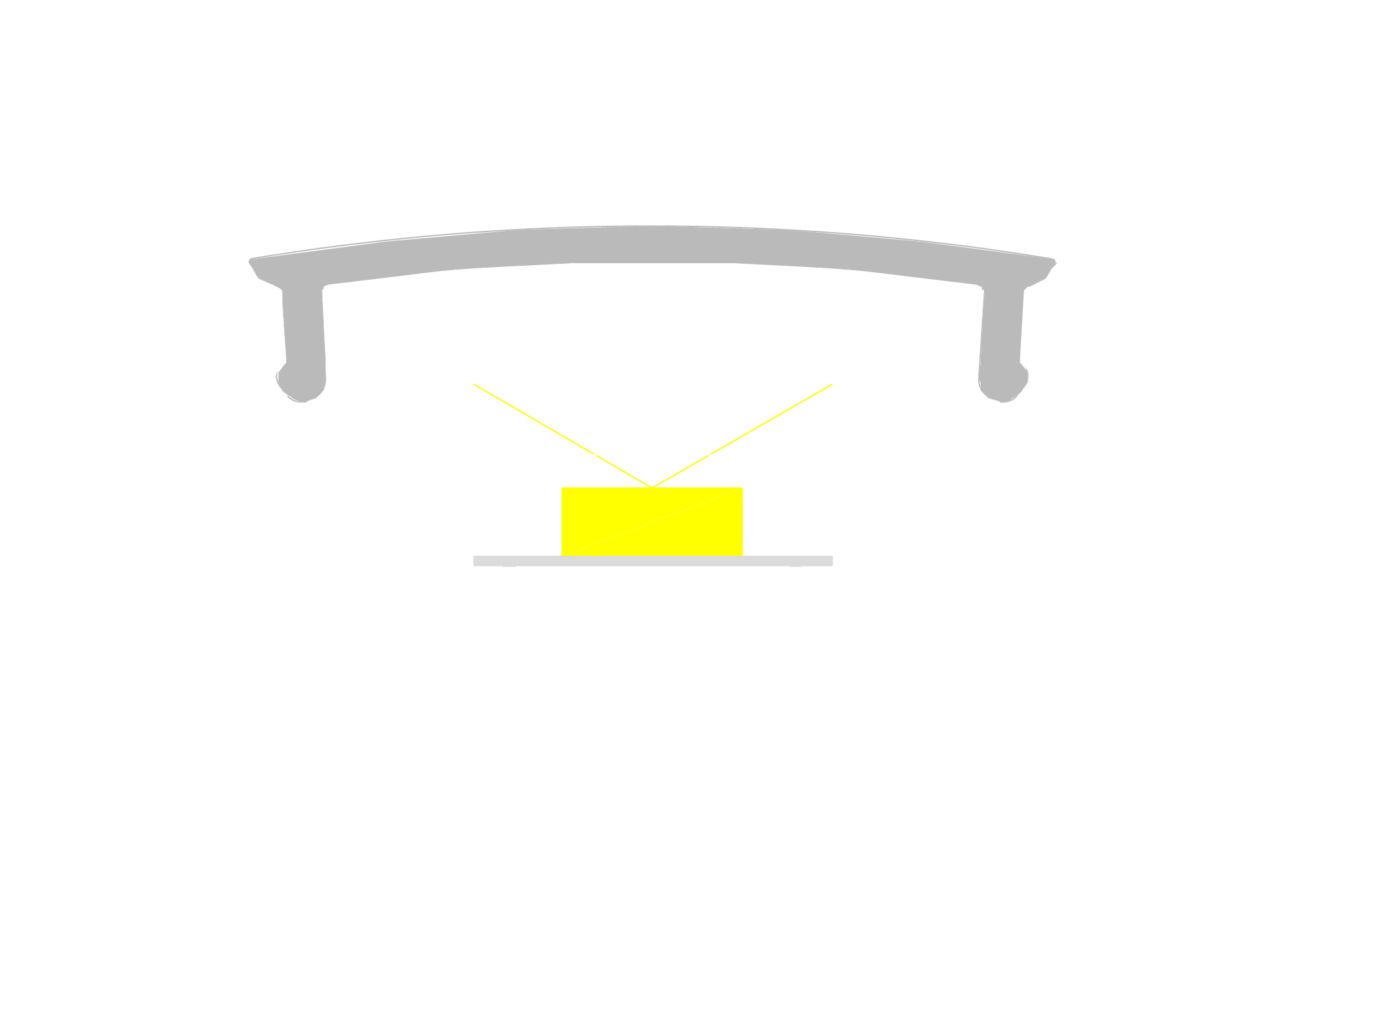 ar3-hyde-30